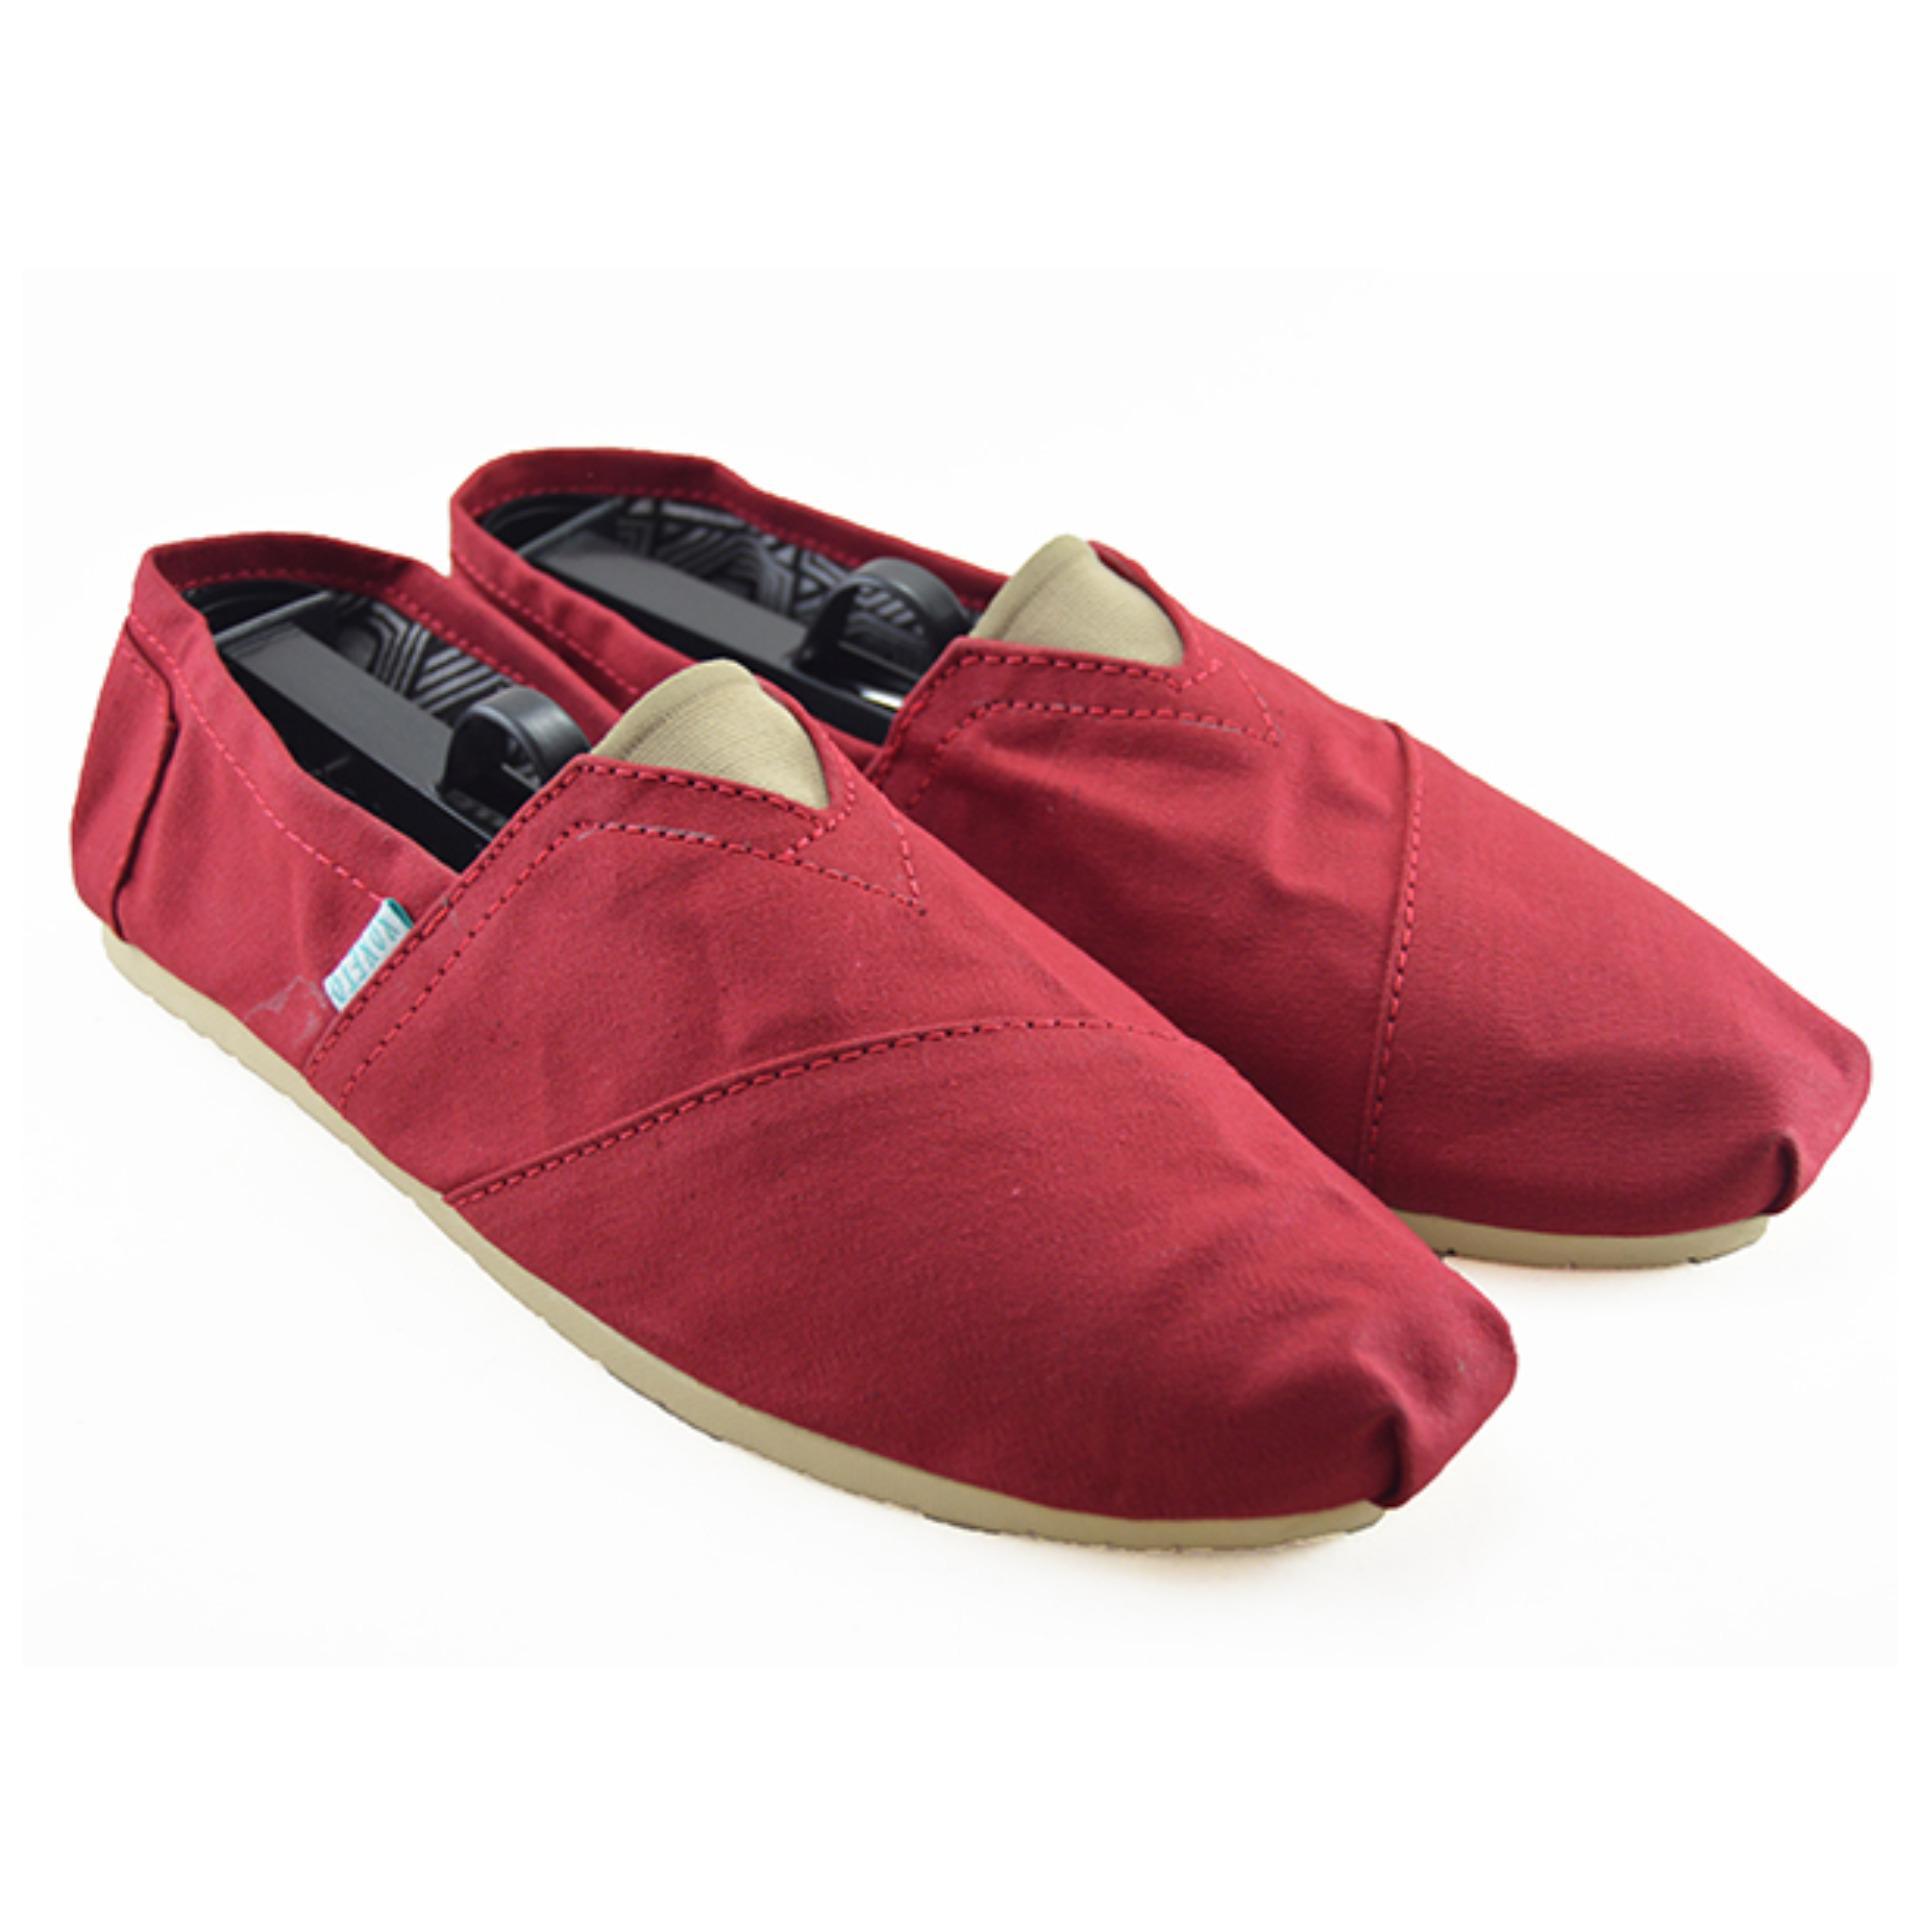 Review Toko Koketo Ures 02 Sepatu Casual Sneakers Unisex Santai Pria Online